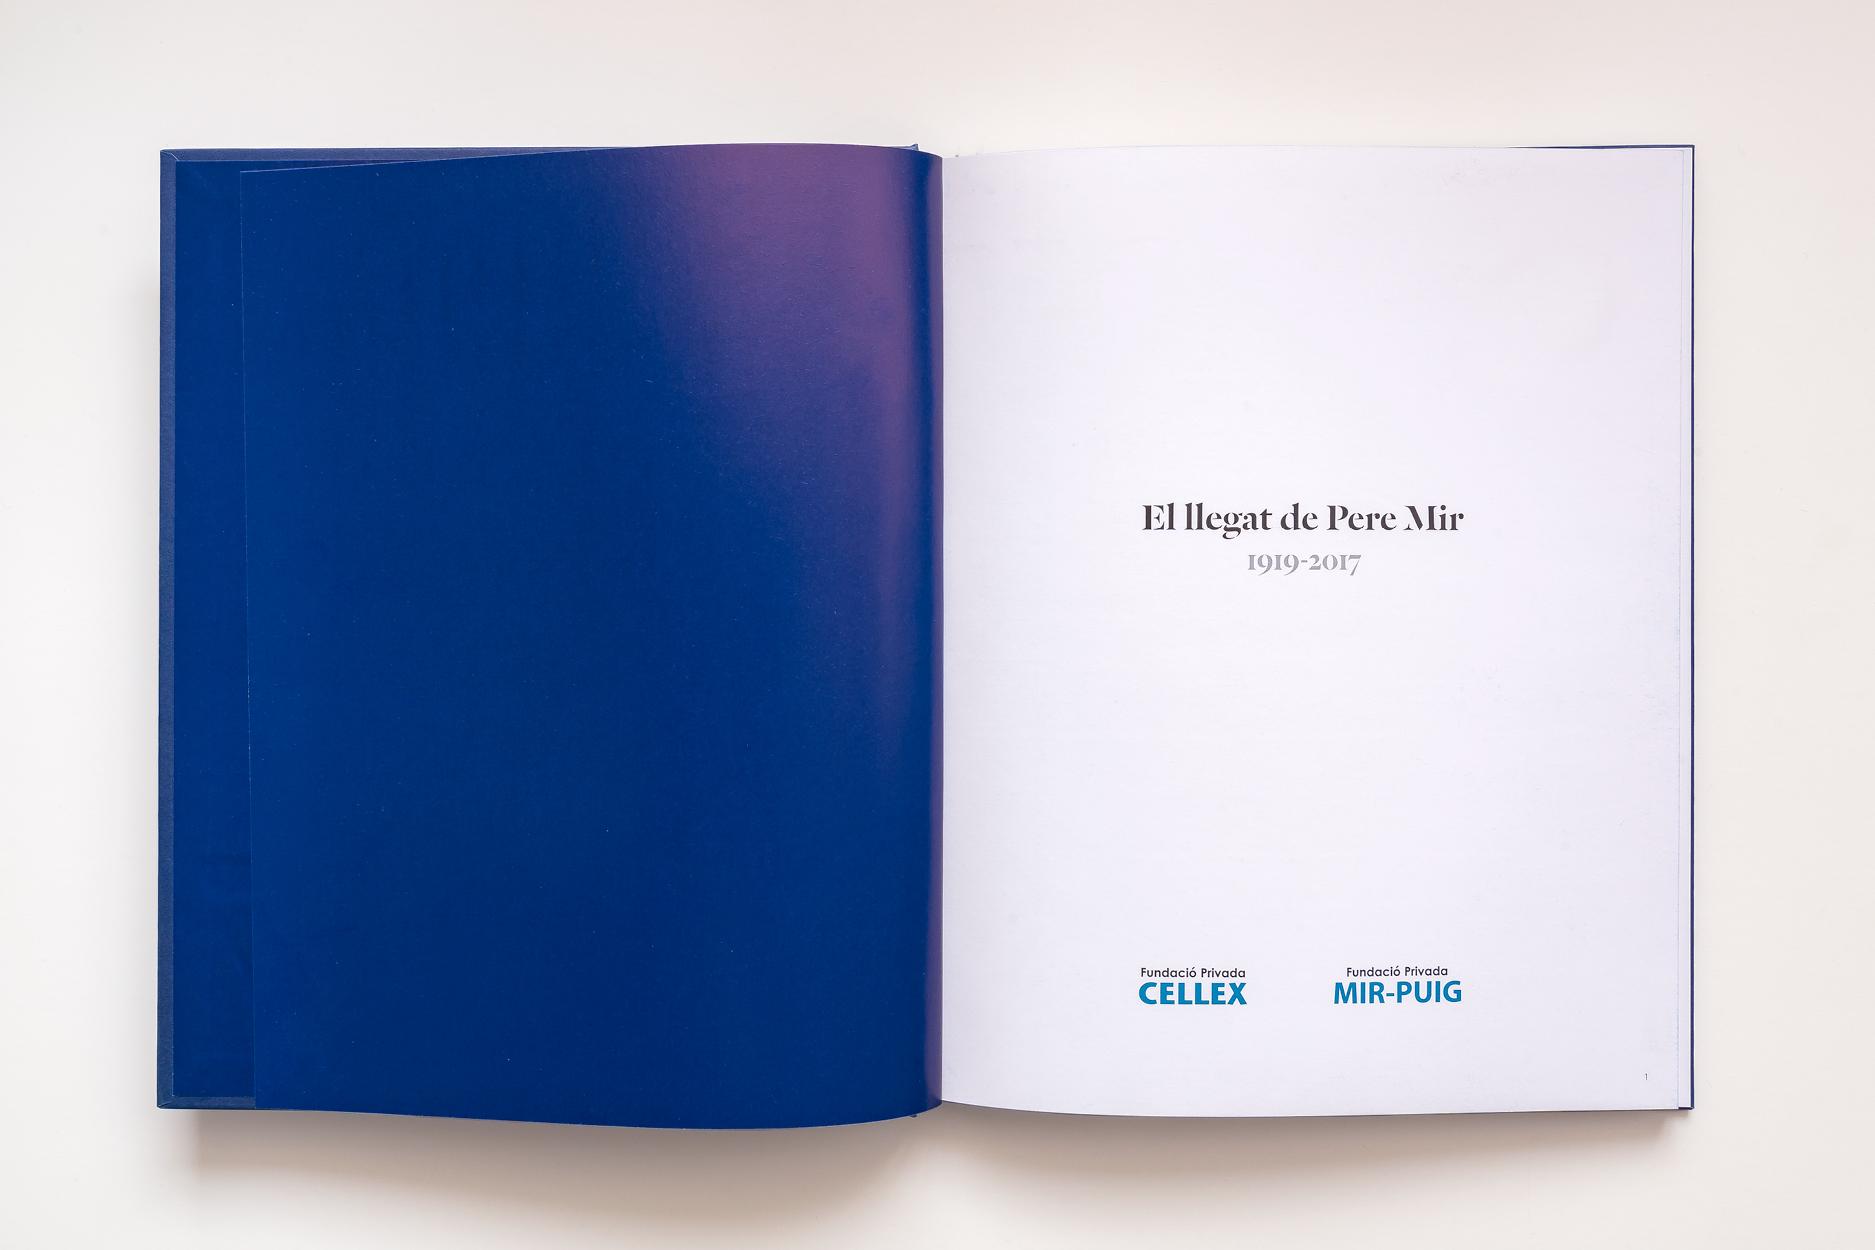 Llibre_El llegat de Pere Mir_web5.jpg